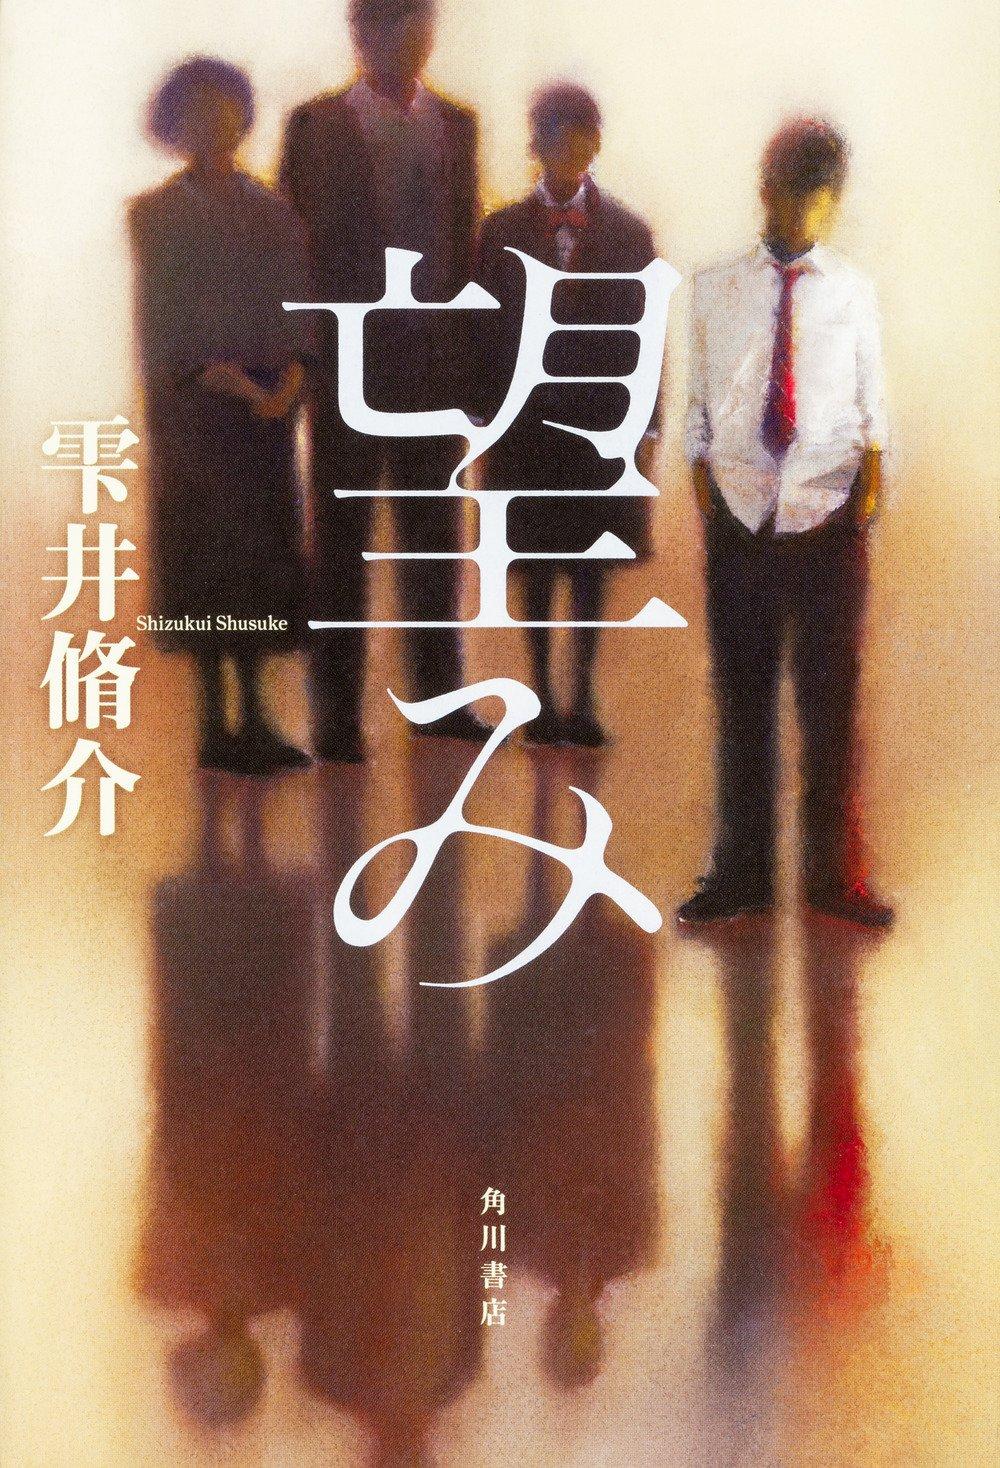 【望み】あらすじネタバレ!映画と原作小説の結末に違いは?